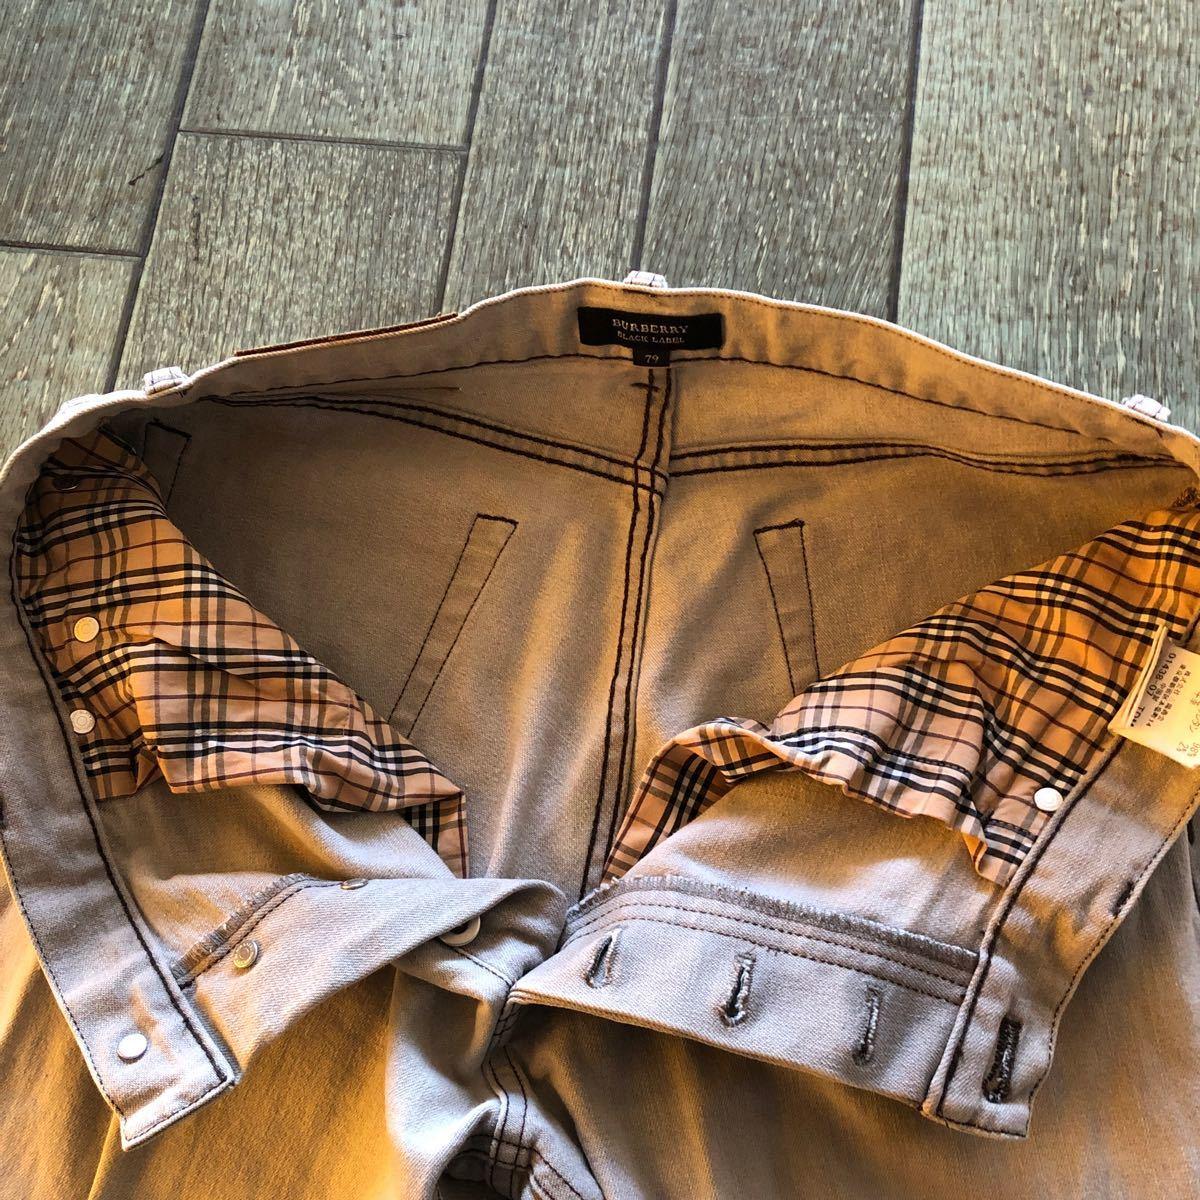 バーバリー ブラックレーベル デニム 三洋商会 79cm ライトグレー 中古品